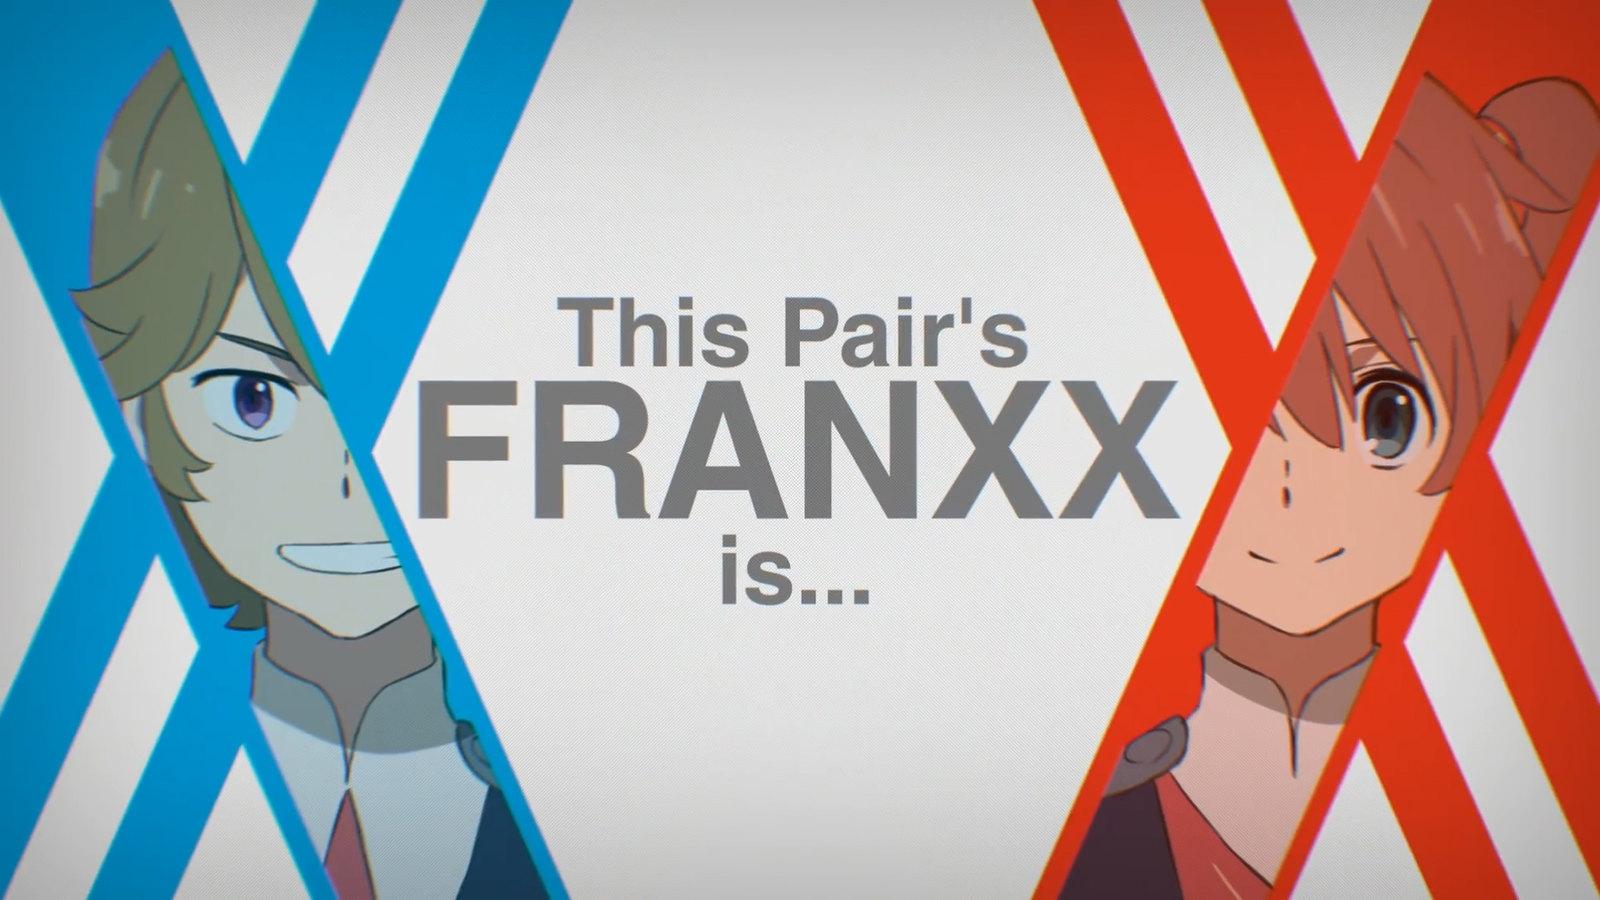 170930(2) - 雙馬尾正妹&進擊的笨蛋合體巨大機器人、動畫《ダーリン・イン・ザ・フランキス》第3批主角CM公開!